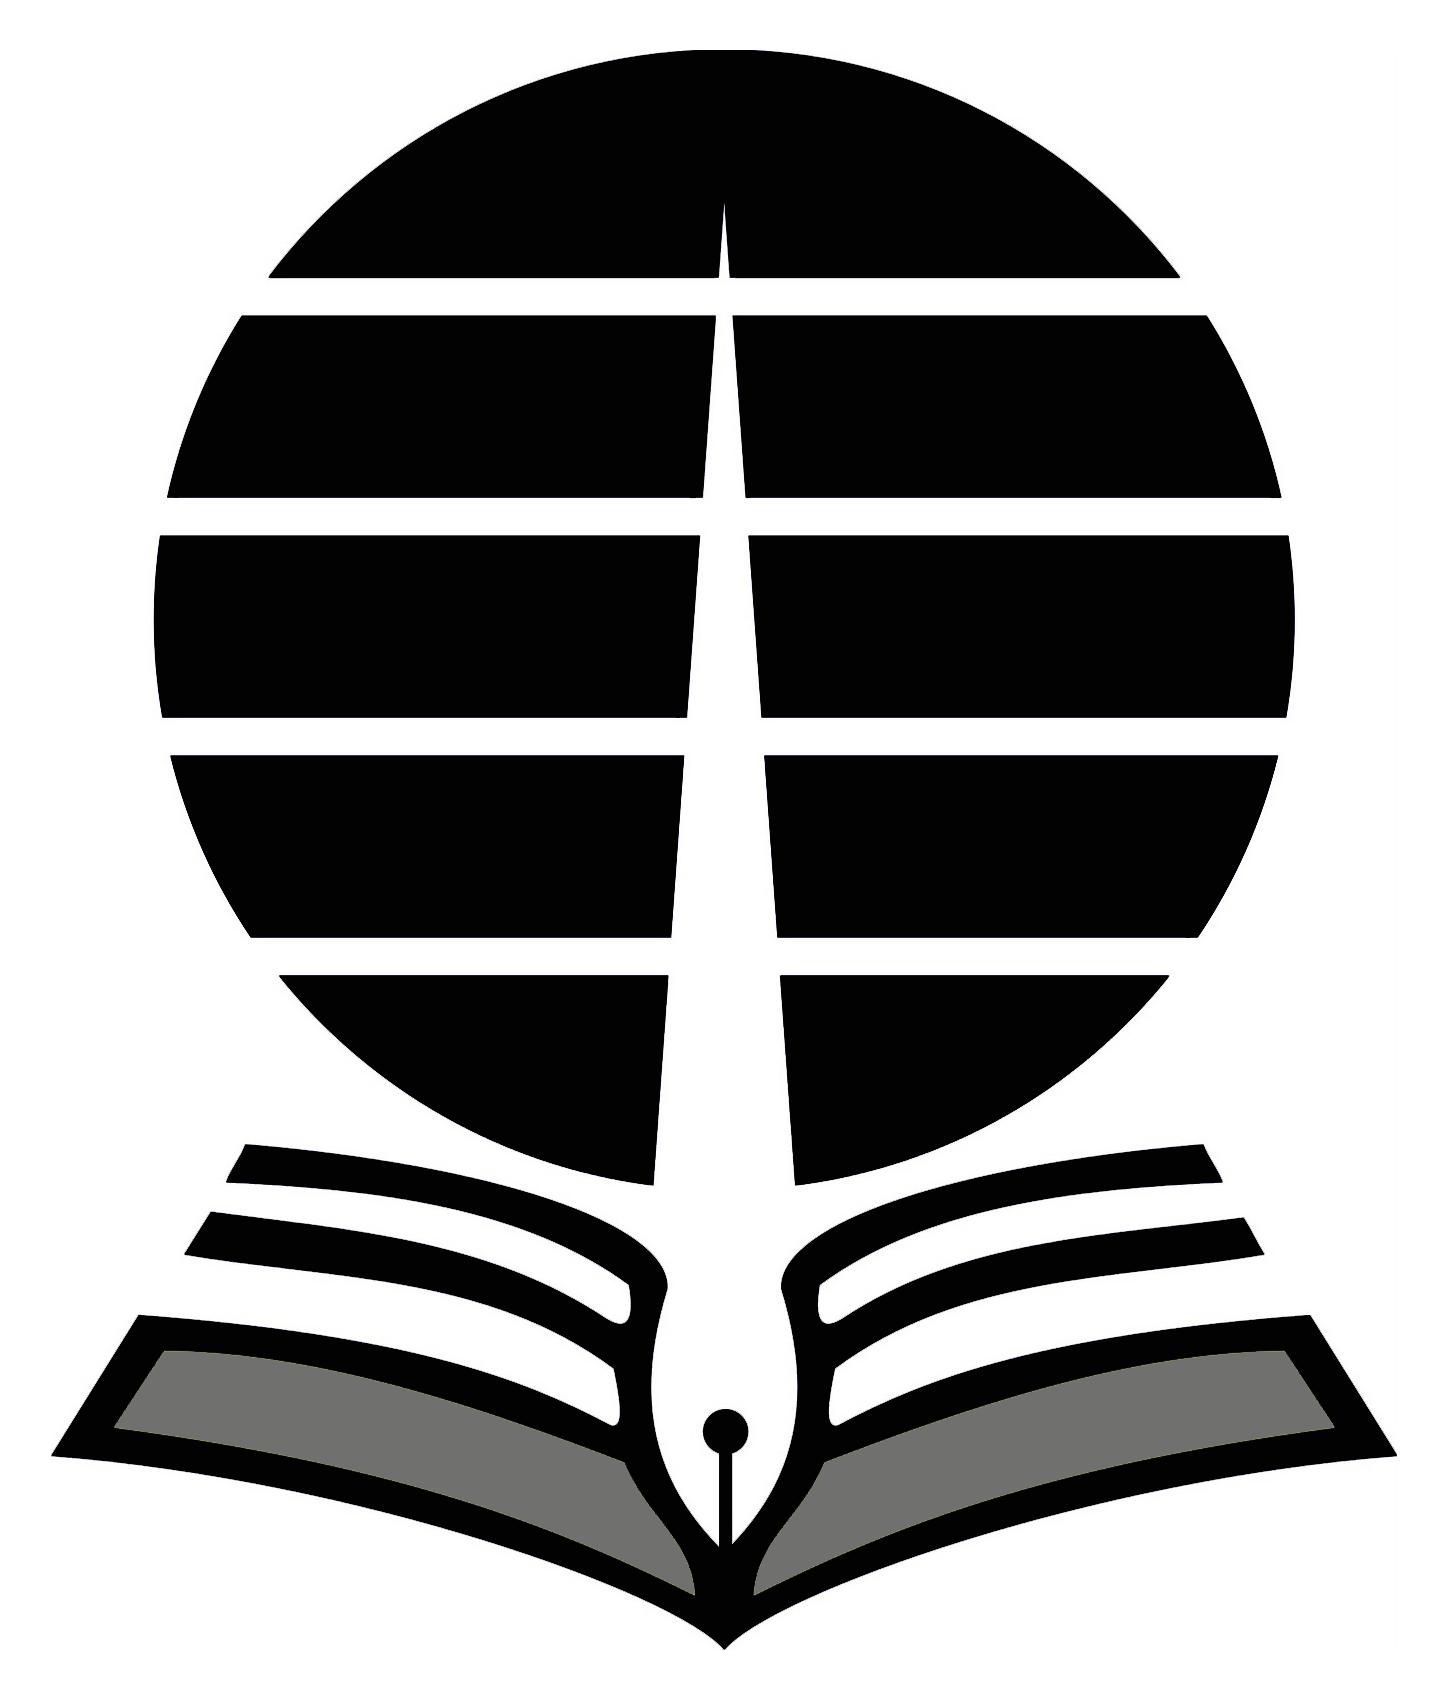 Logo UT (Universitas Terbuka) Original Hitam Putih PNG